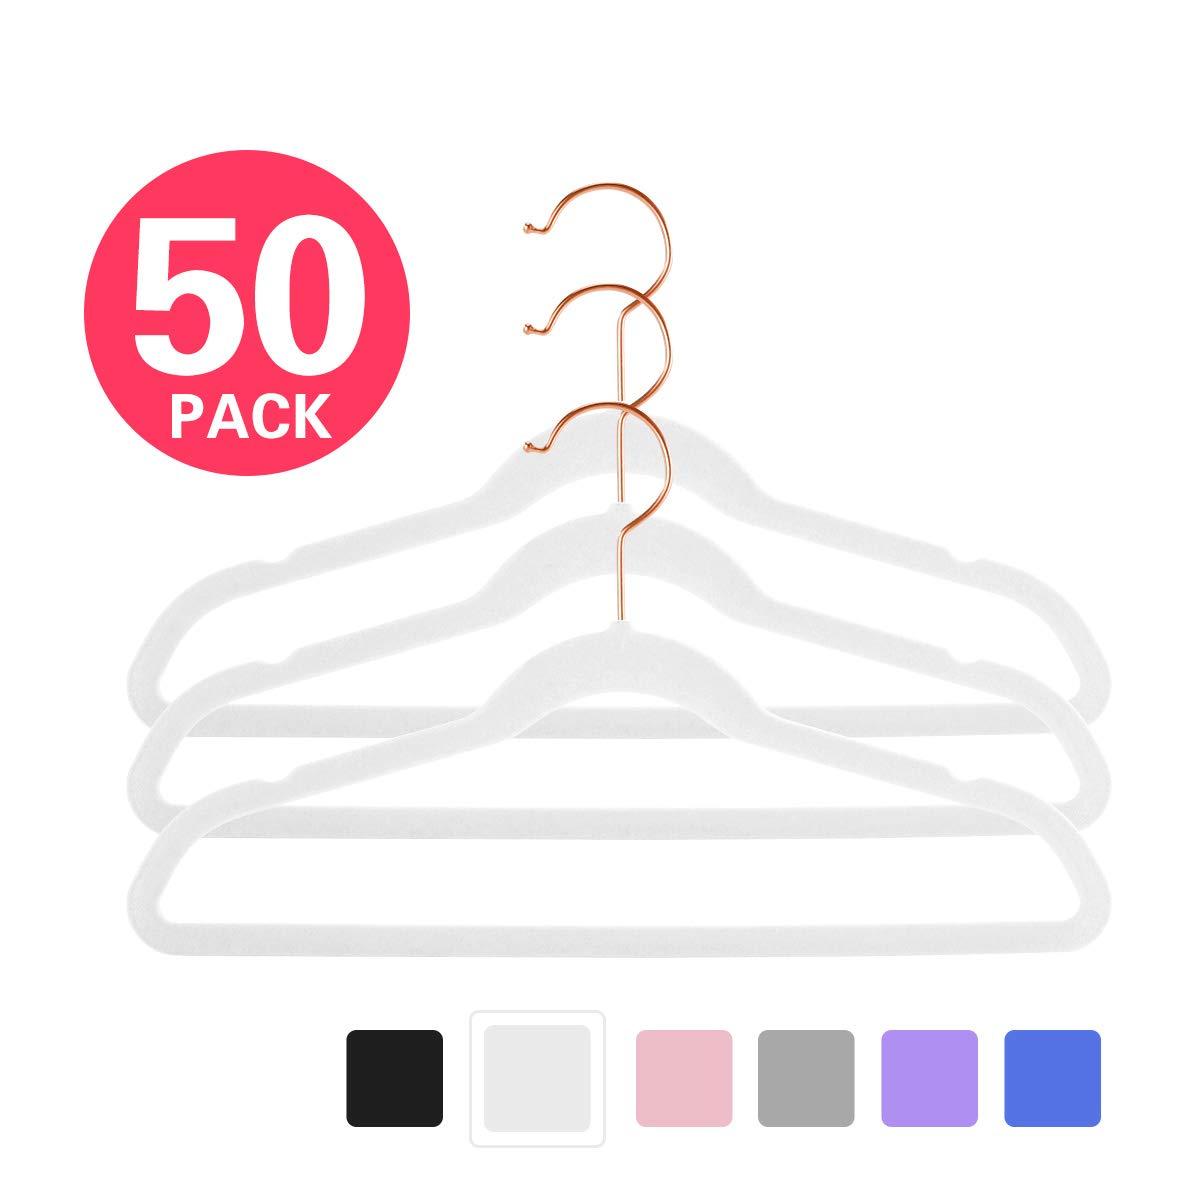 MIZGI Premium Kids Velvet Hangers (Pack of 50) 14'' Wide with Copper/Rose Gold Hooks,Space Saving Ultrathin,Nonslip Hangers use for Petite Junior Children's Skirt Dress Pants,Clothes Hangers-White